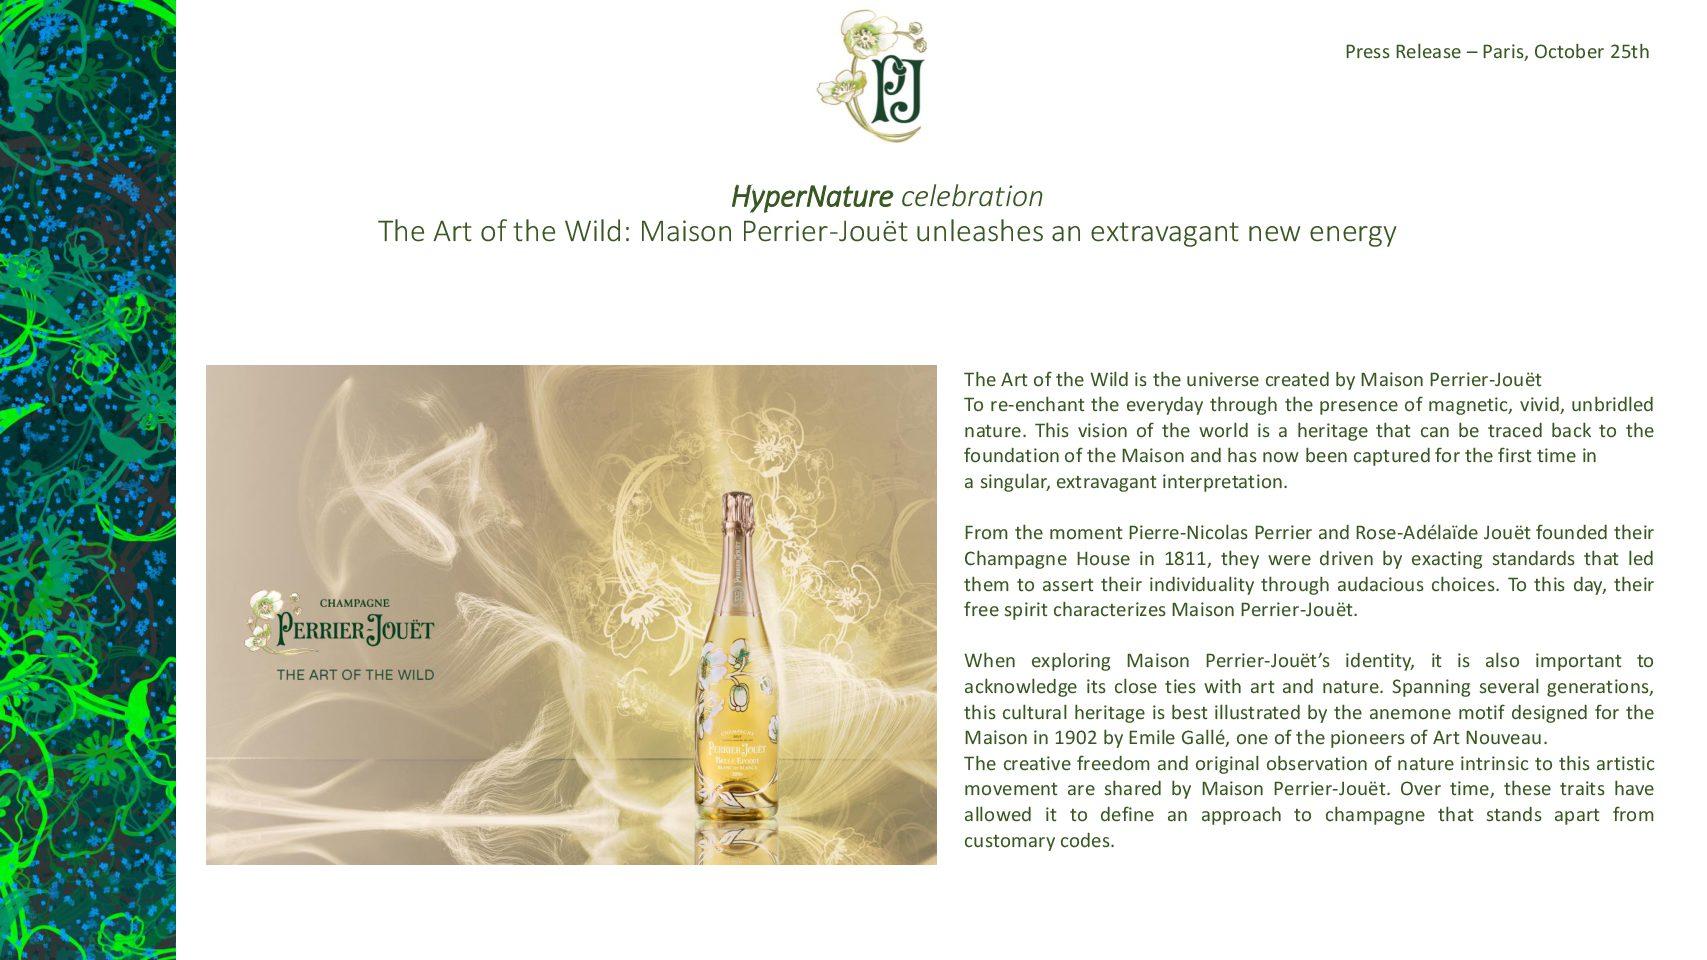 HyperNature celebration-pdf